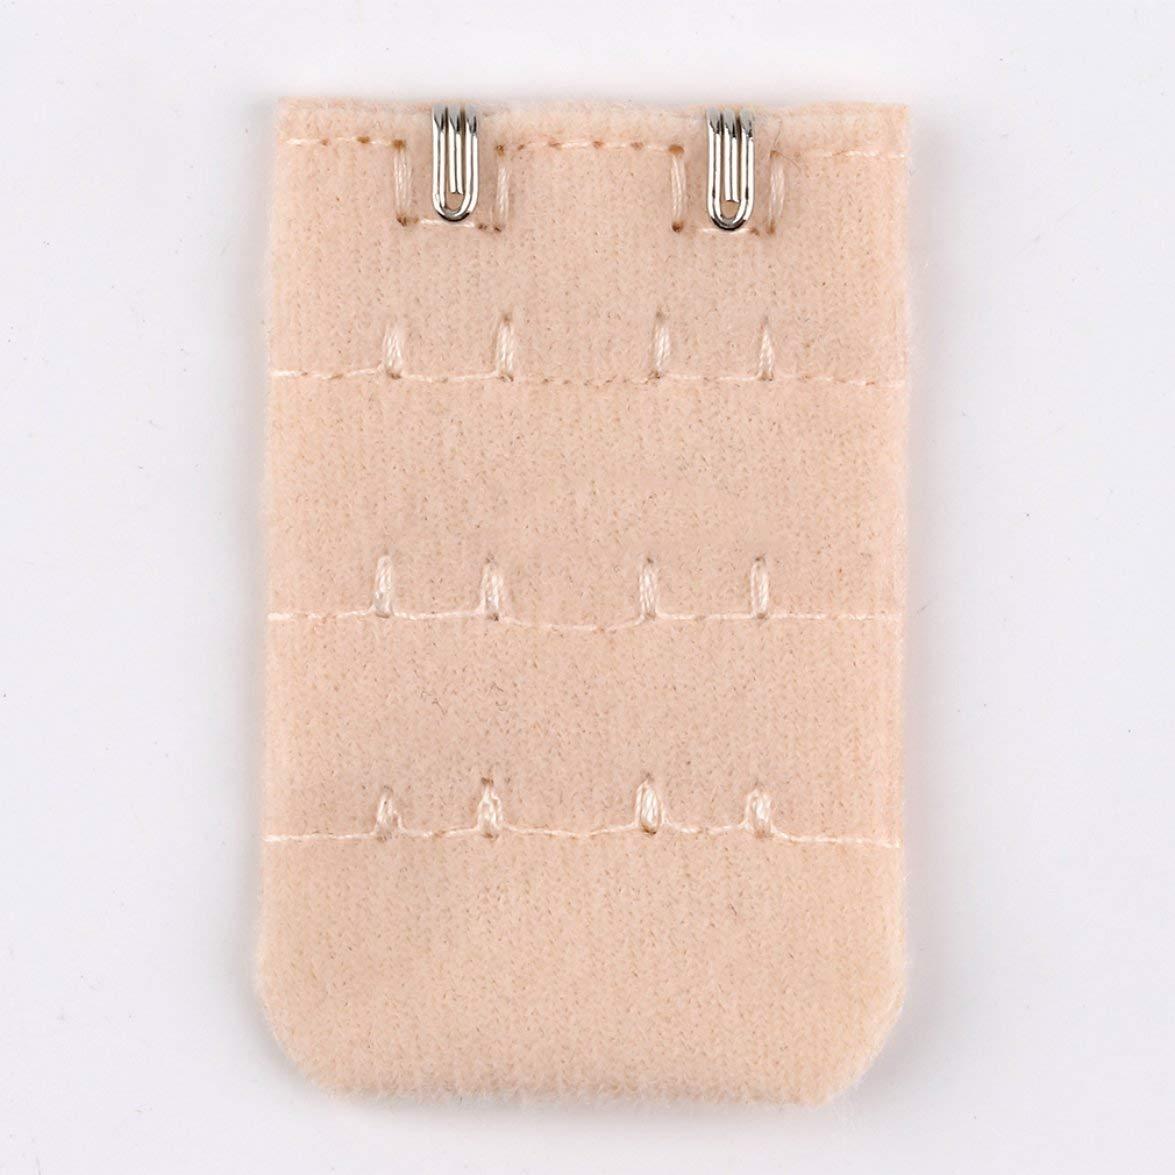 Kongqiabona Femmes Sangle De Soutien-Gorge Allong/é Boucle Alliage Boucle 2 Crochets 3 Rang/ées Extension Clip Fermoir Boucle Extension Intime Accessoires